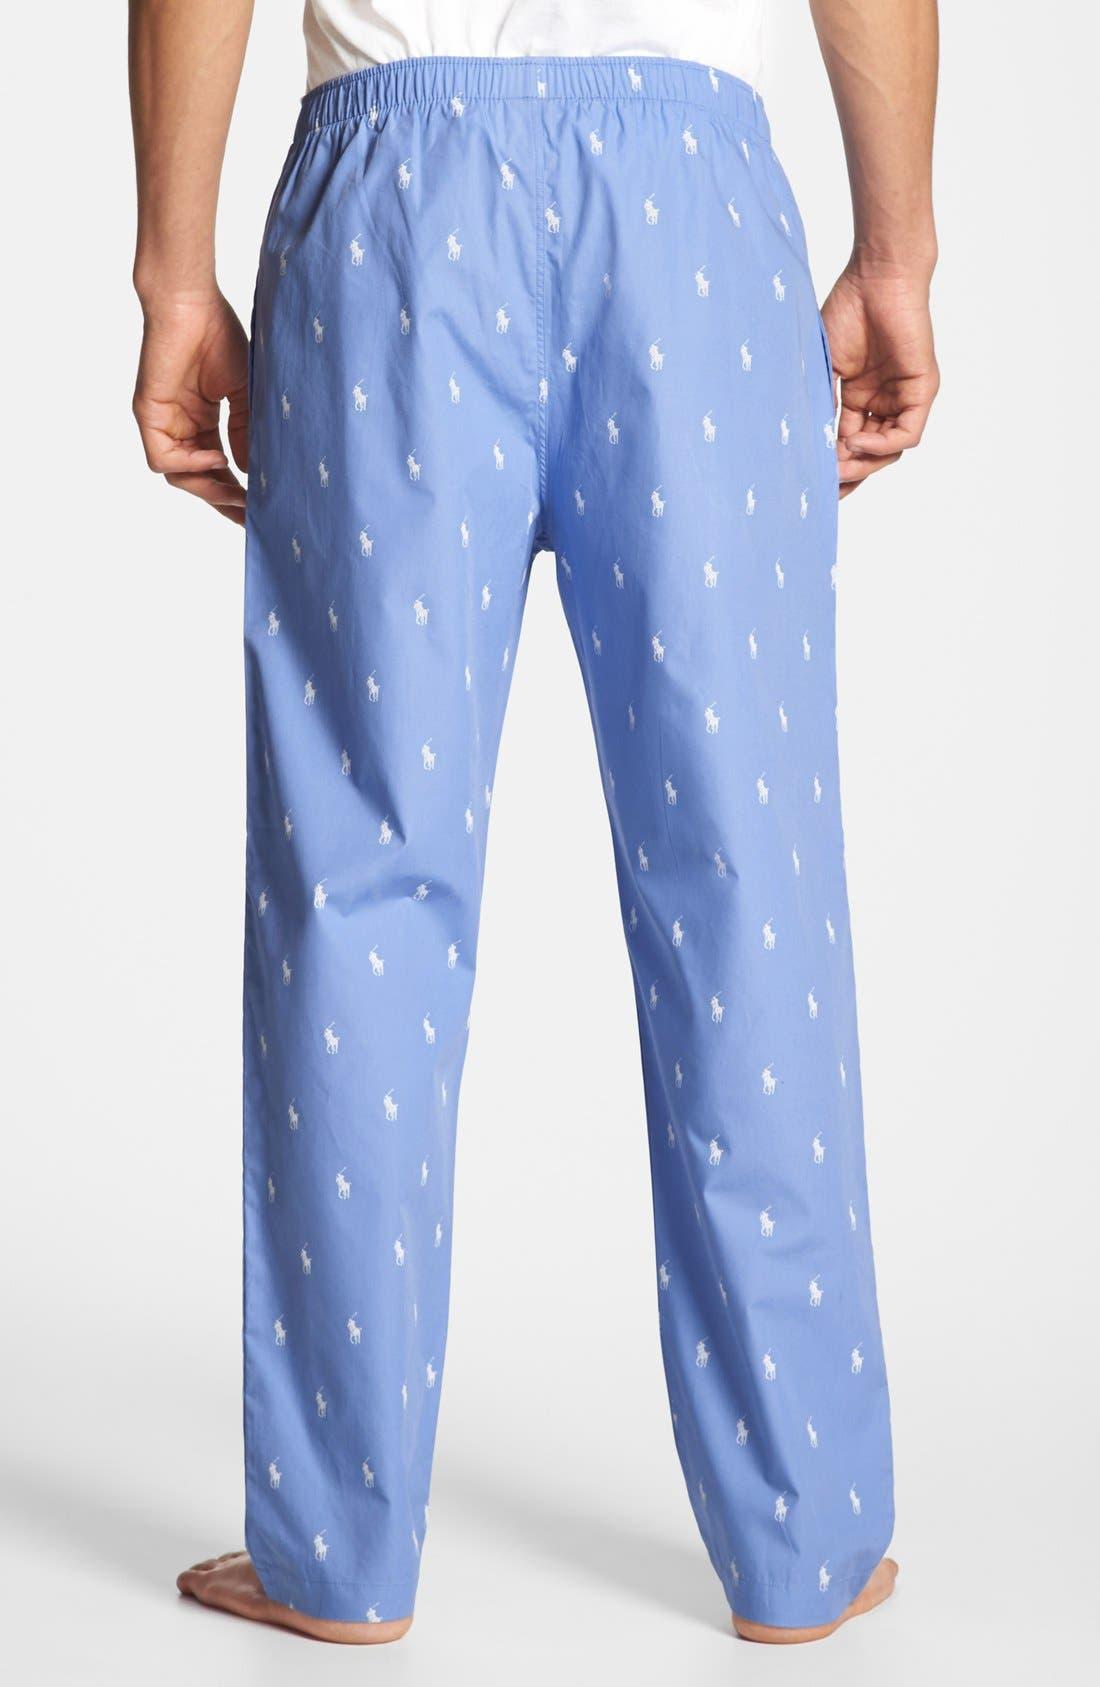 Cotton Lounge Pants,                             Alternate thumbnail 2, color,                             400